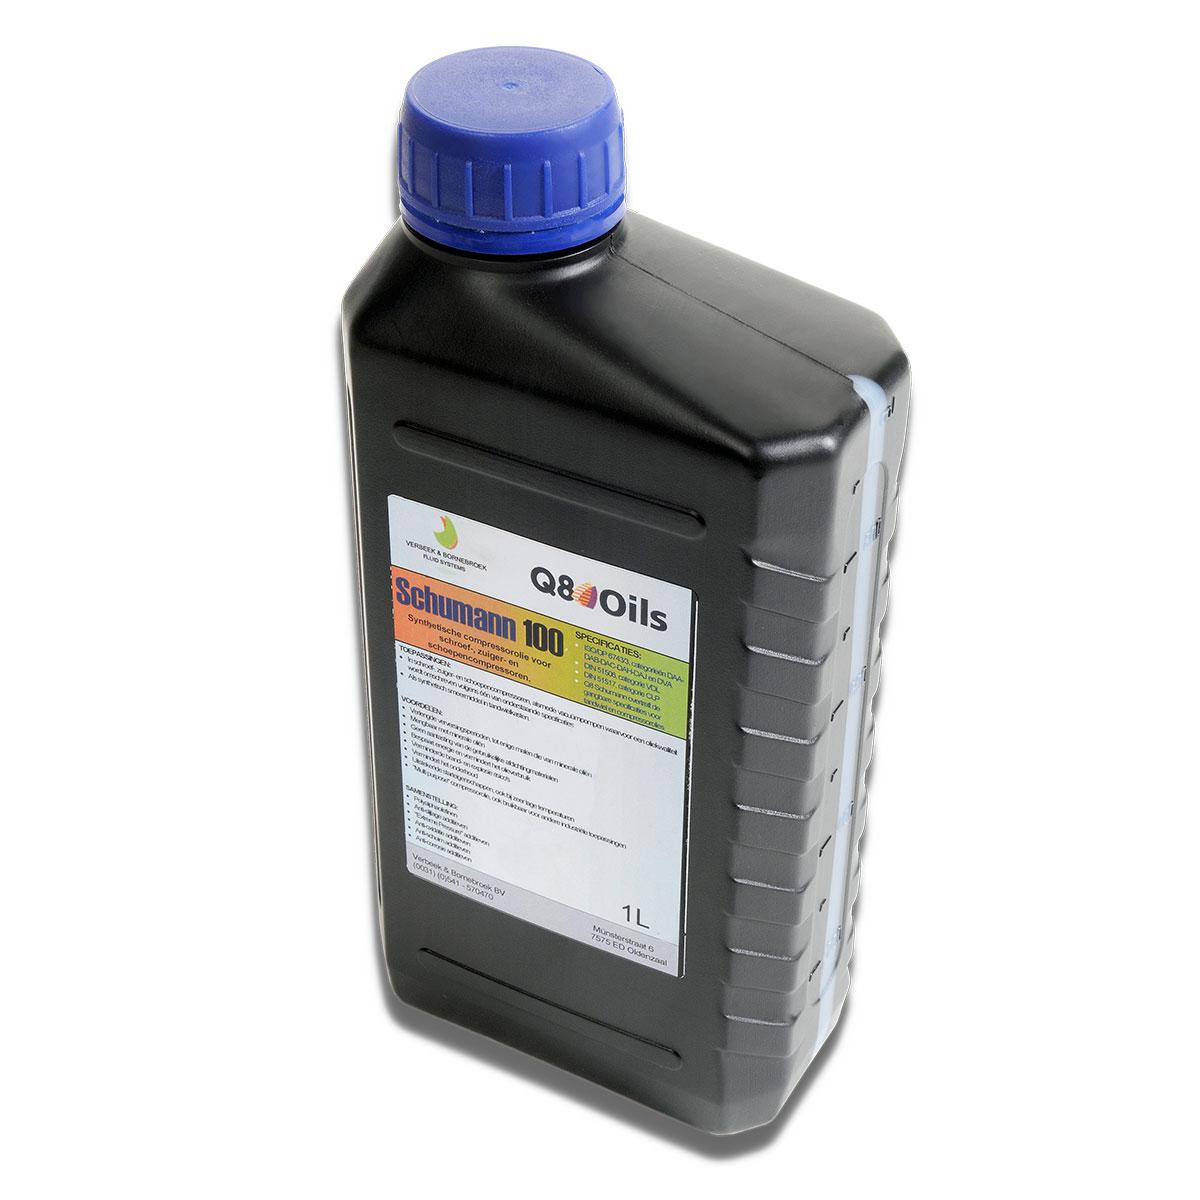 vacuumpump oil 1 litre for hbtb